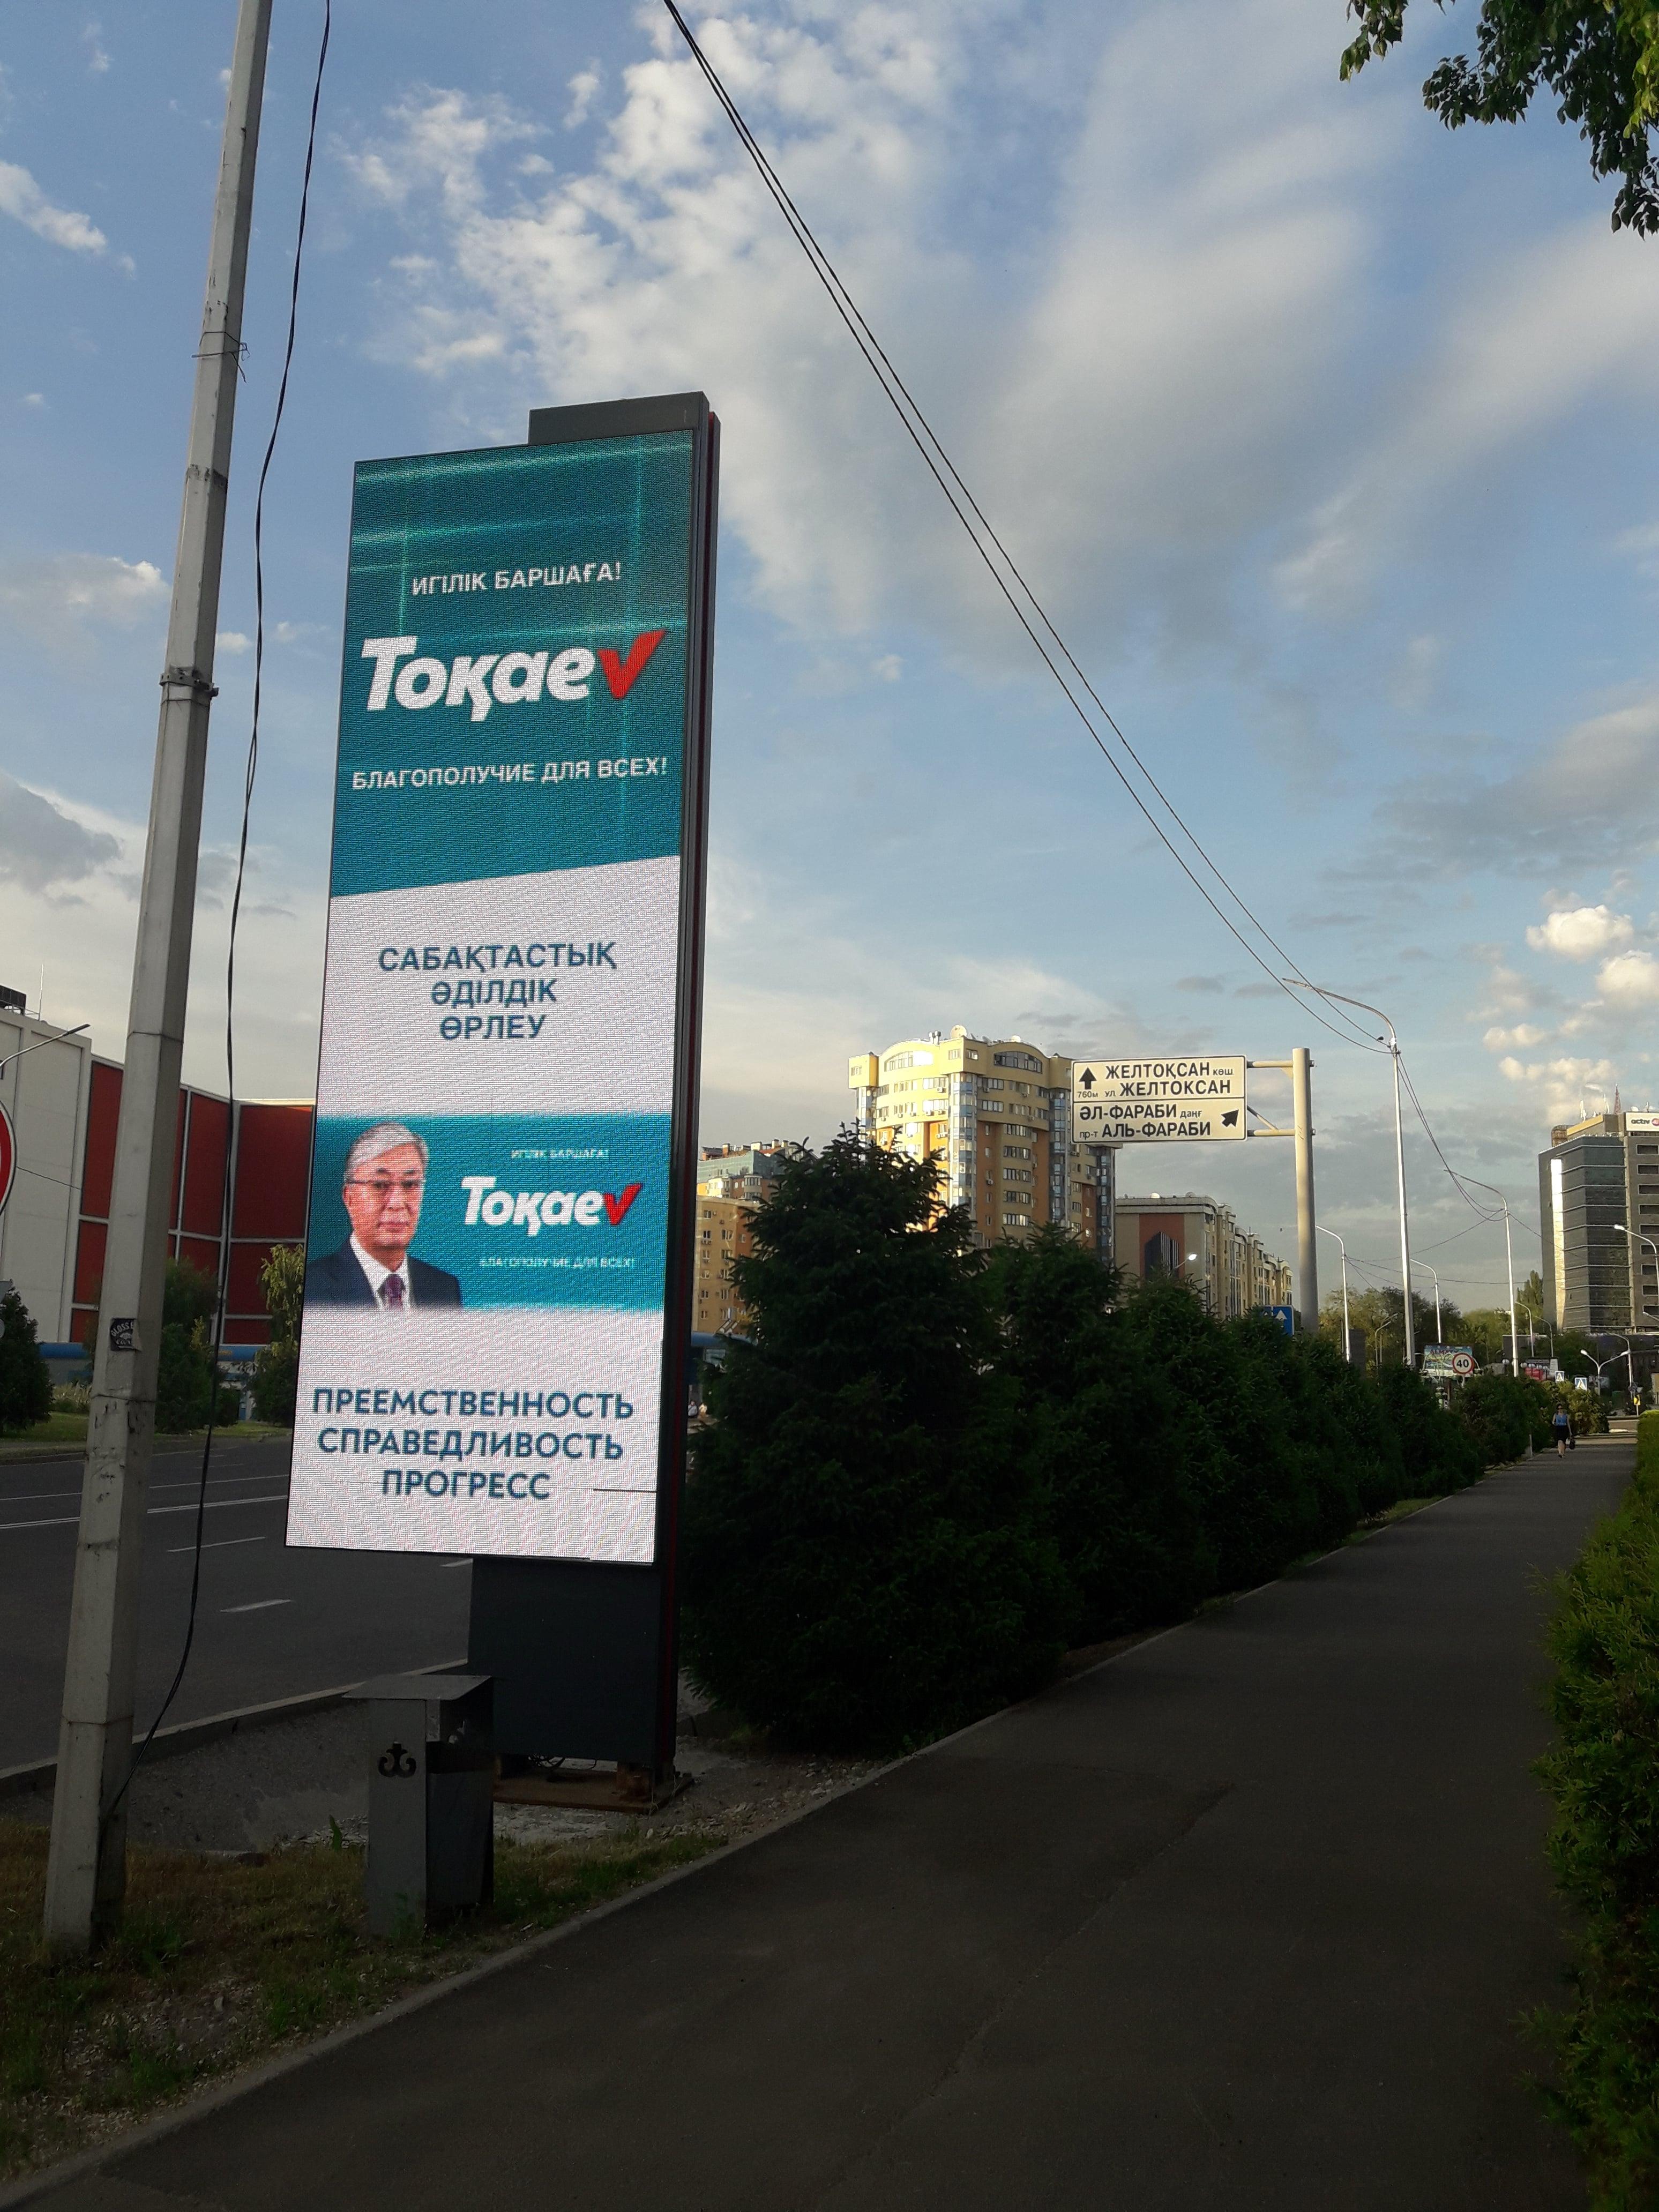 Tokaïev a remplacé les indicateurs météo et les taux de change en temps réel sur ces affiches modernes